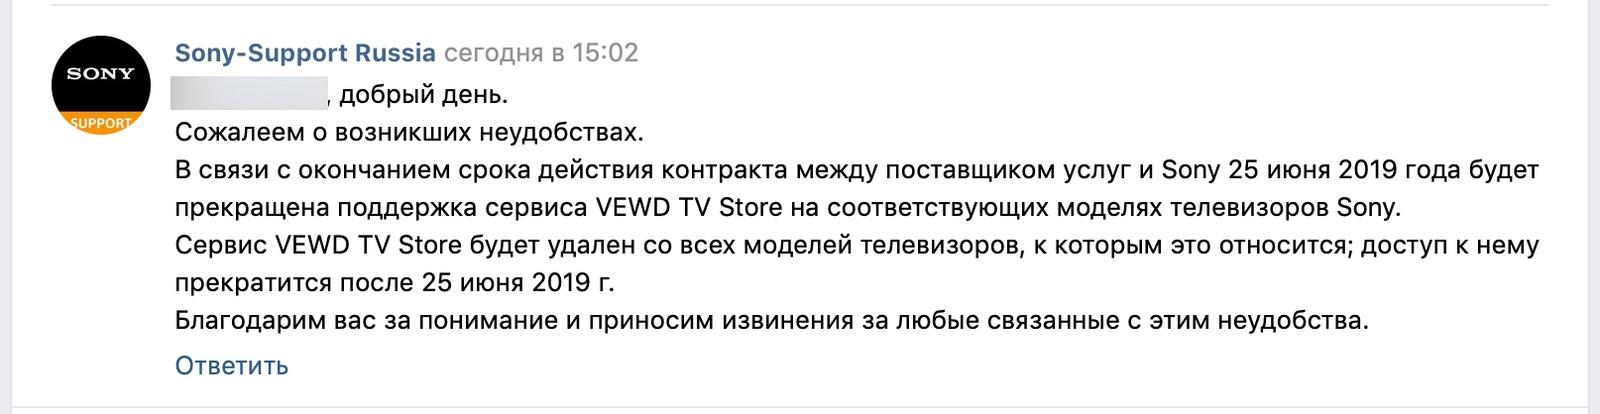 Для тех кто планирует приобрести телевизор Sony с магазином приложений VEWD.